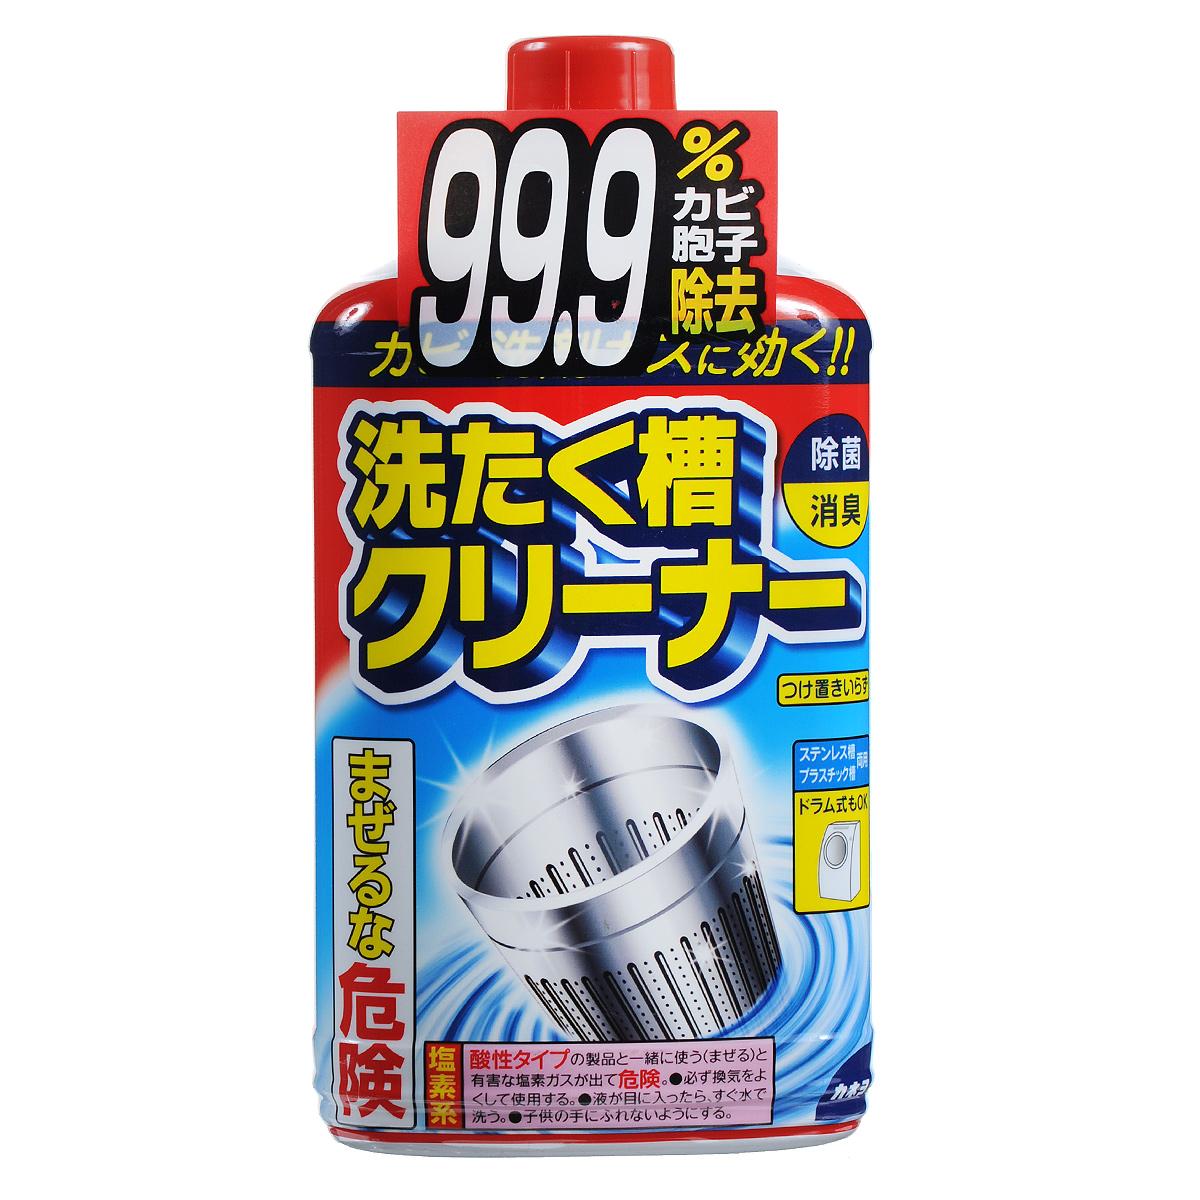 Средство для чистки барабанов стиральных машин Kaneyo, 550 мл90386, 305076Средство для чистки барабанов стиральных машин Kaneyo - это высококонцентрированное жидкое средство на хлорной основе. Активное средство удаляет плесень и мыльный налет даже с задней поверхности барабана. Убивает микробы и устраняет неприятный запах, благодаря сильному антибактериальному эффекту. Подходит для всех типов стиральных машин барабанного типа. Применение: налить необходимое количество средства в барабан машины (не забудьте вынуть белье), поставить на обычный режим стирки (стирка-полоскание-отжим).